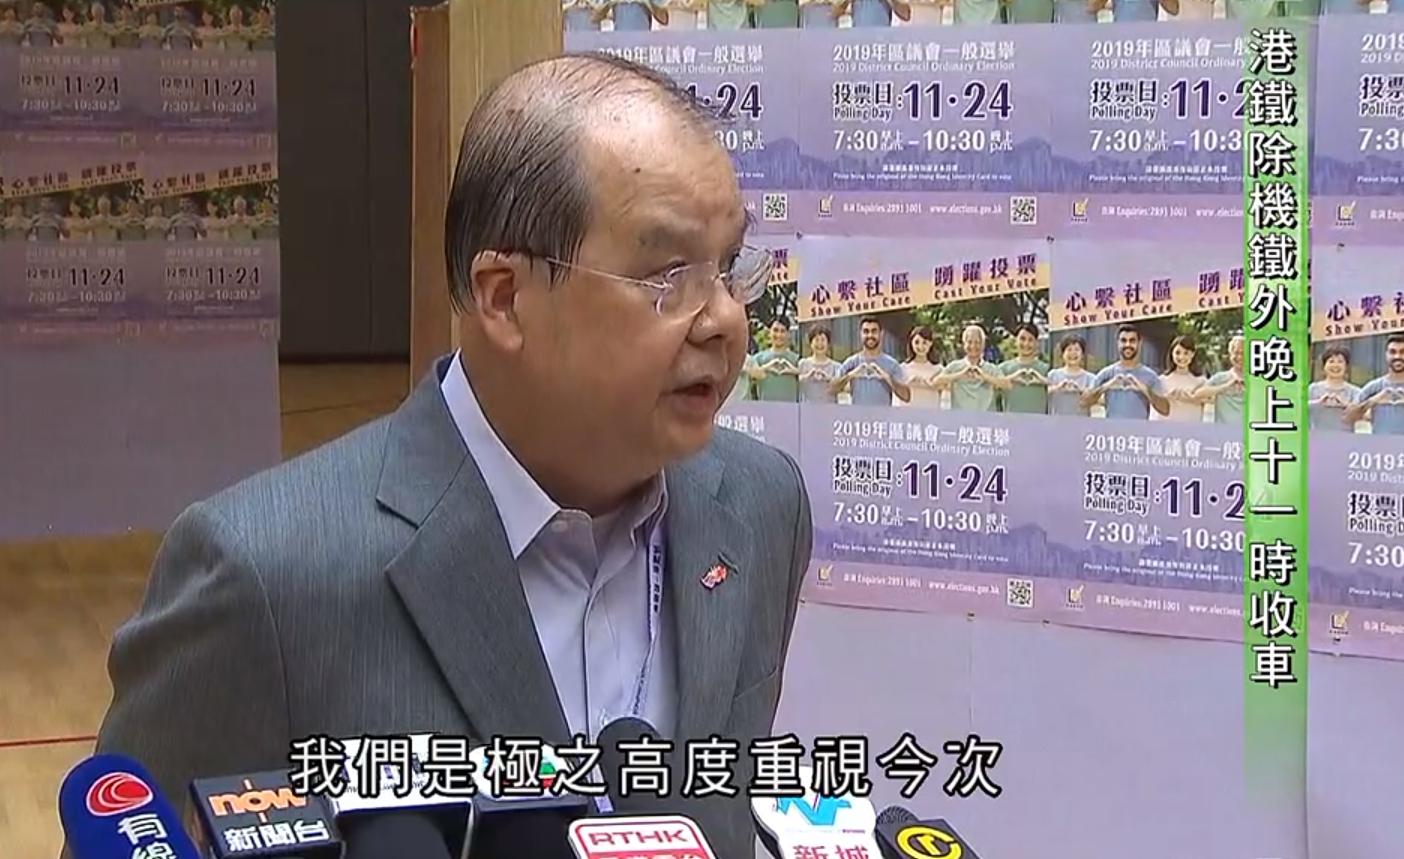 直击区选 | 张建宗:冀选举公正有序进行为港带来新开始